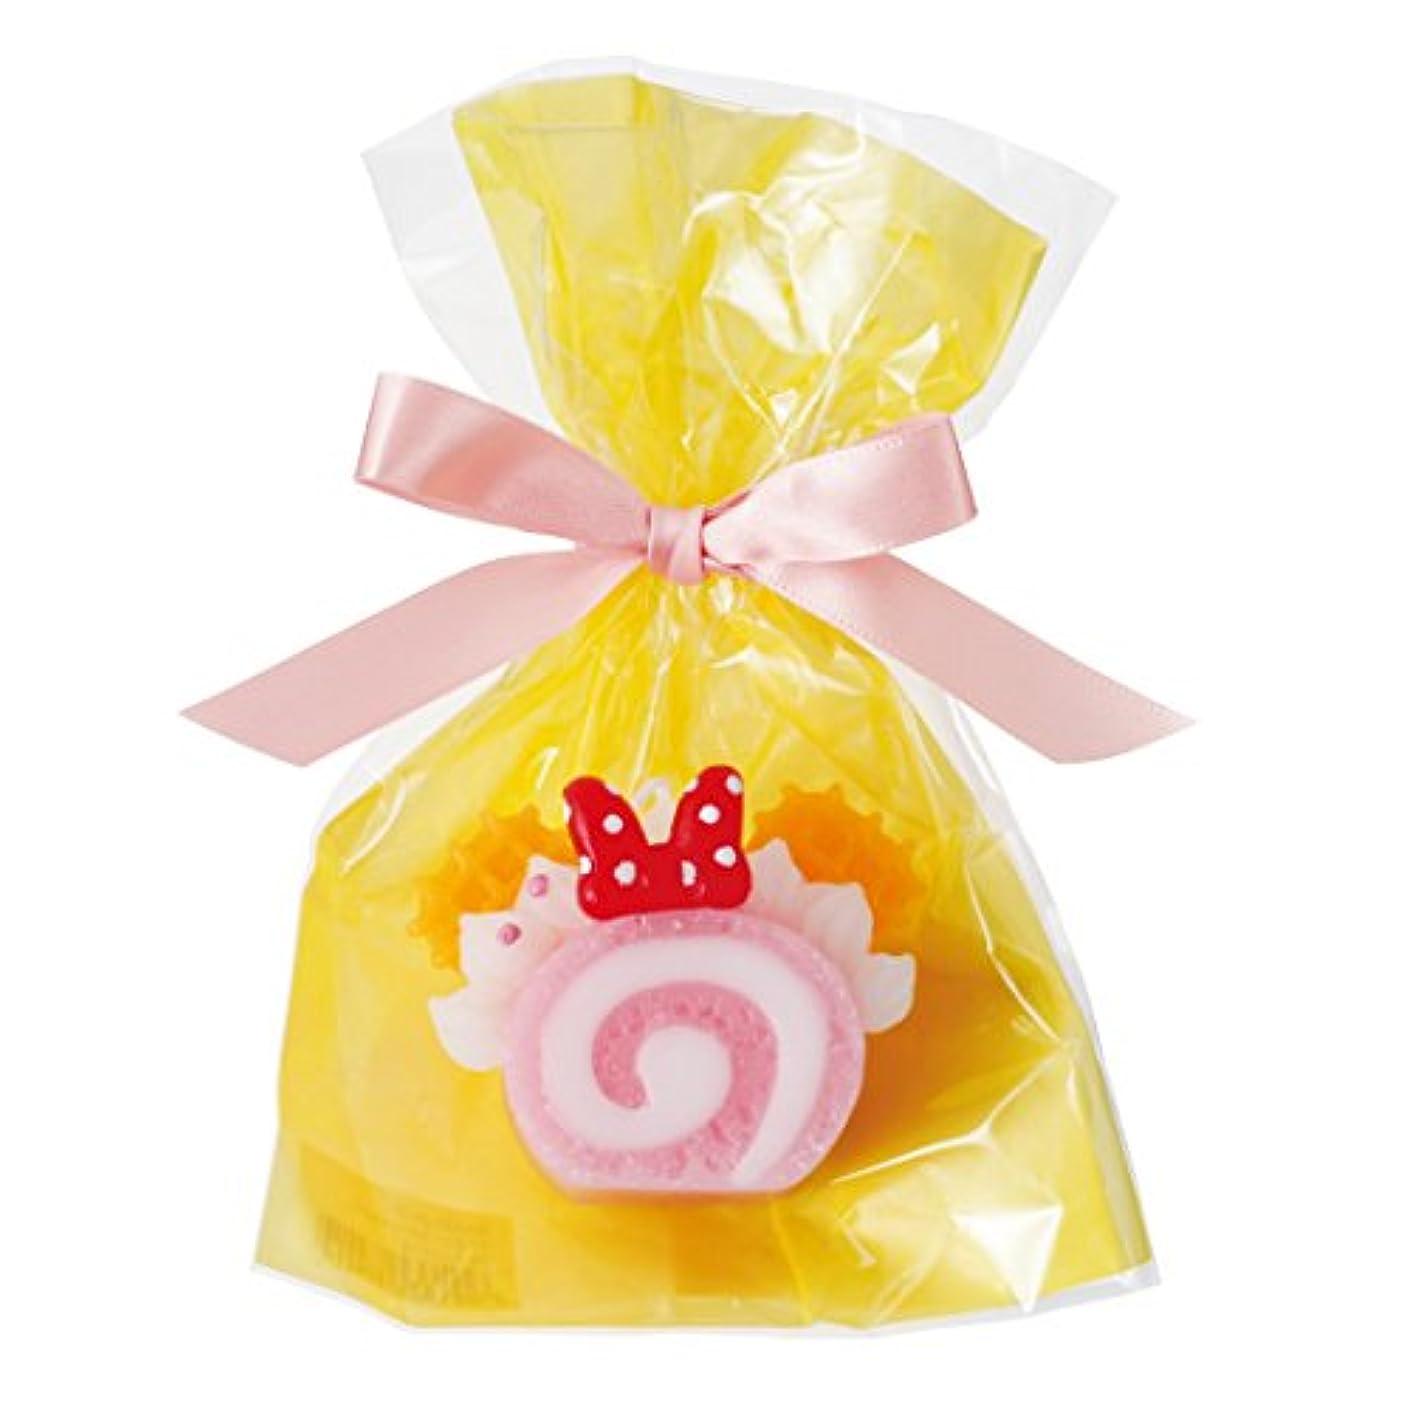 招待理解好きであるディズニースイーツキャンドル 「 ピンクロールケーキ 」